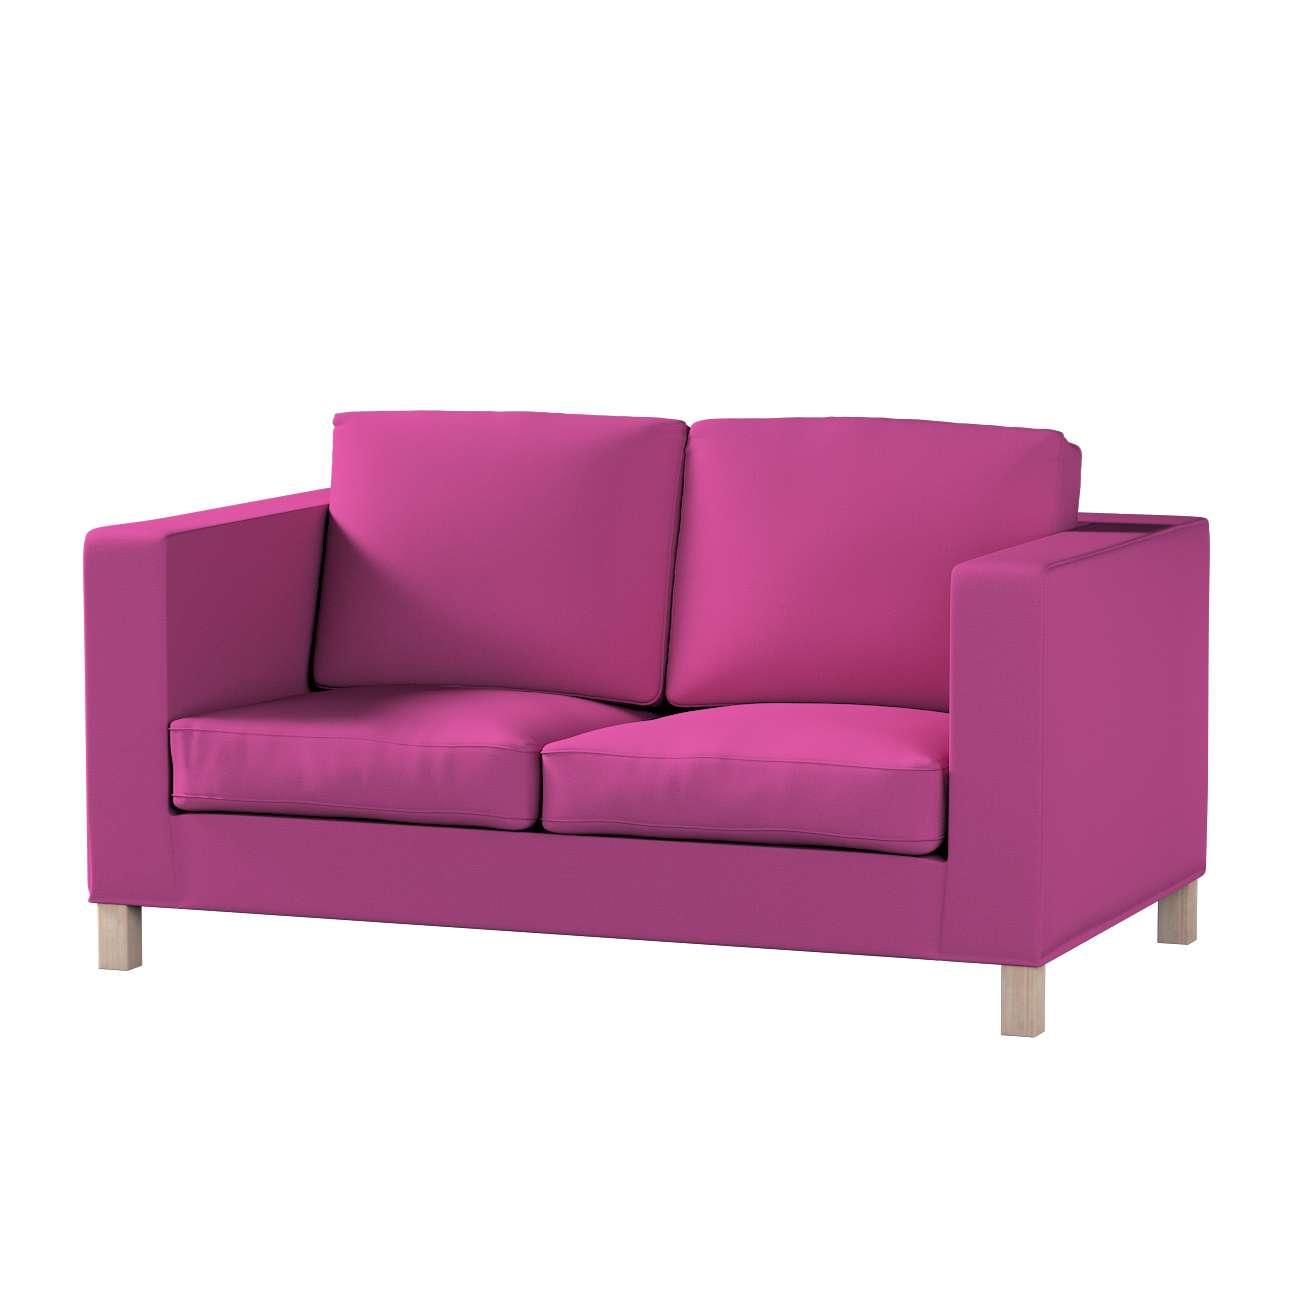 Pokrowiec na sofę Karlanda 2-osobową nierozkładaną, krótki w kolekcji Etna, tkanina: 705-23